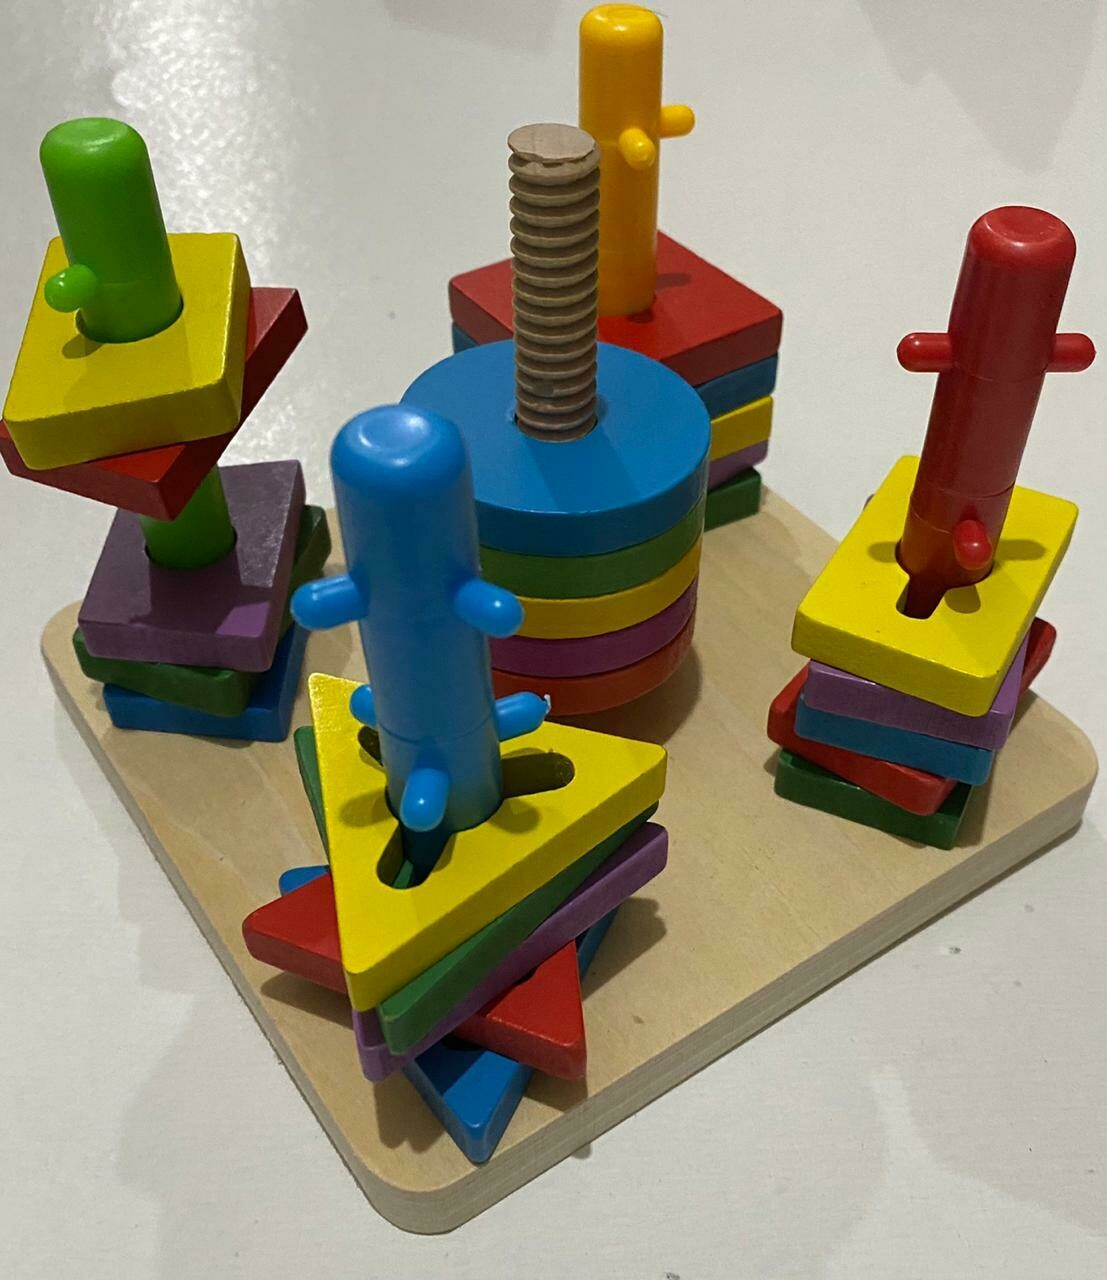 لعبة مهارات خشبيه خمس مستويات